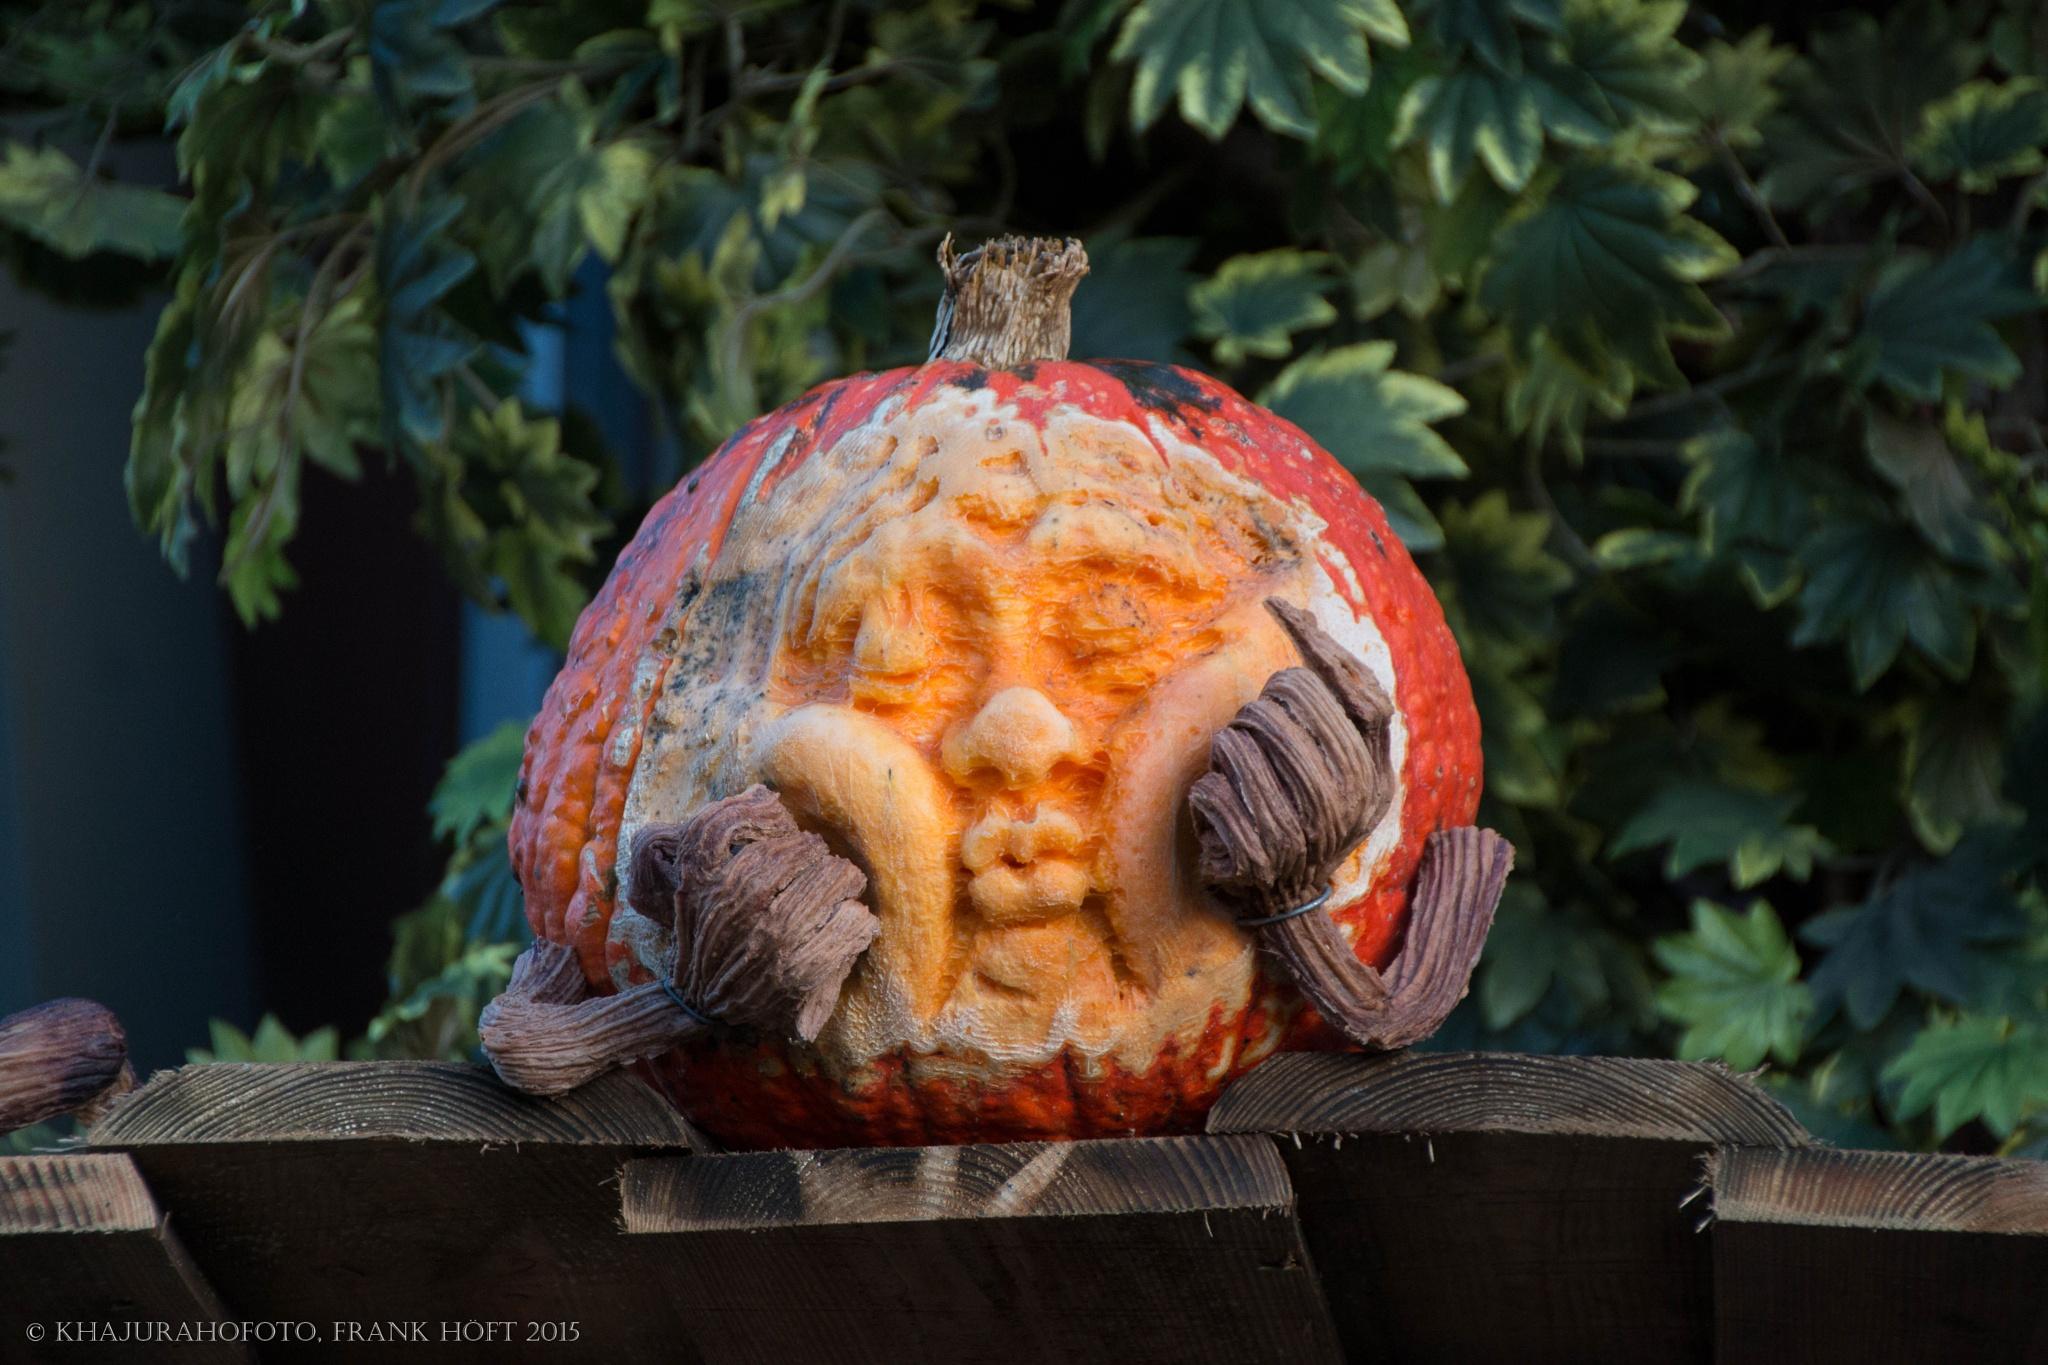 pumpkin and fun by Frank Höft